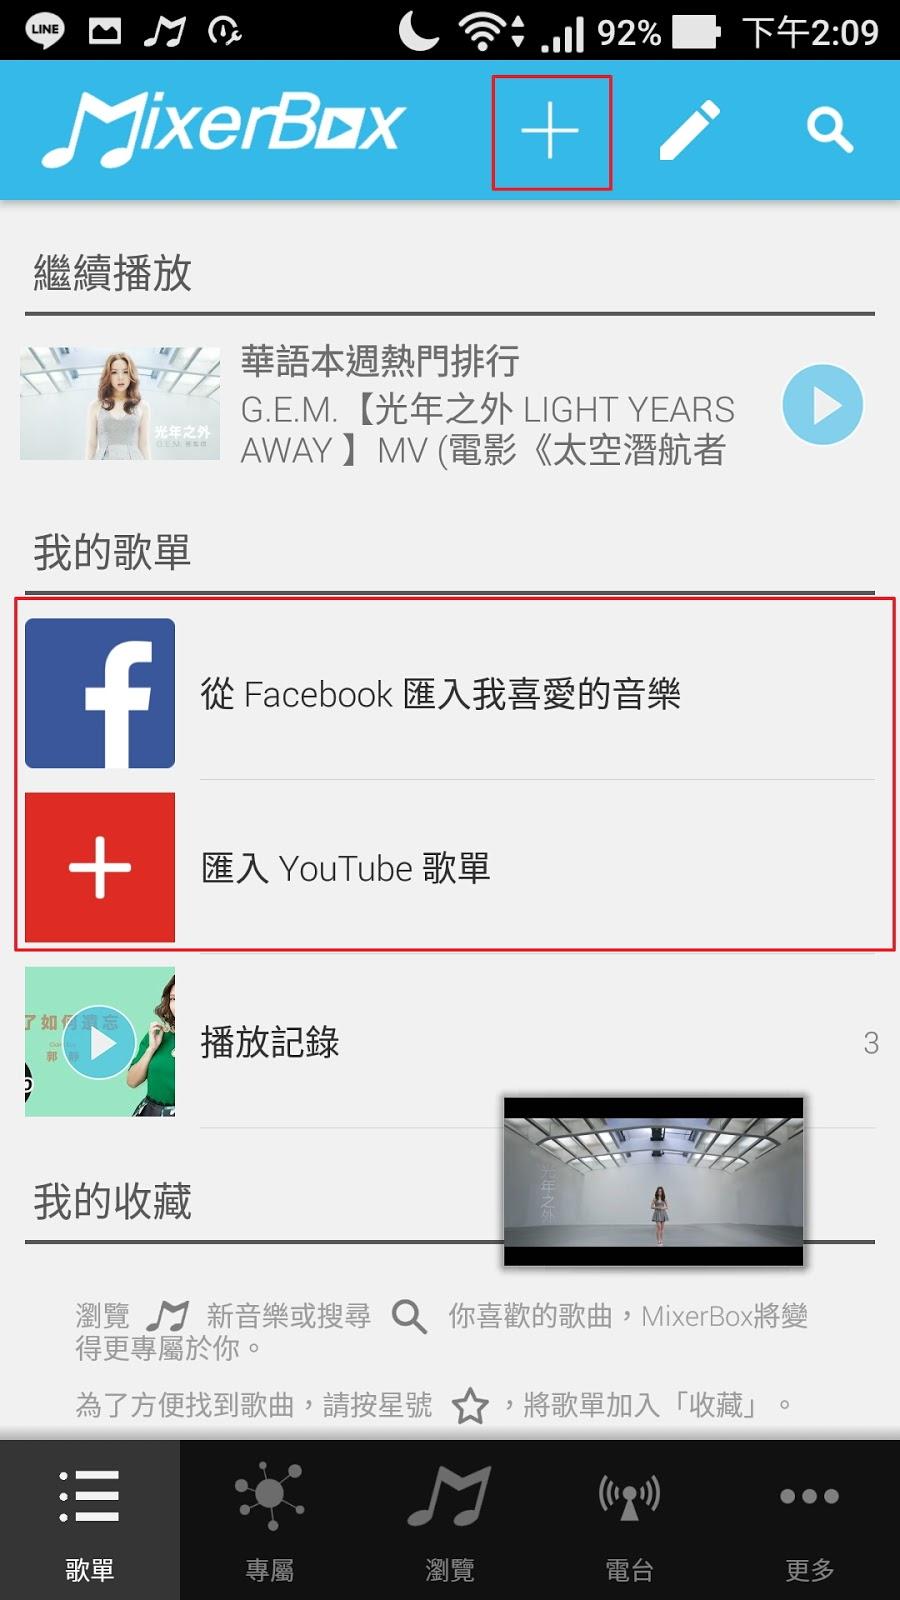 Screenshot 20170416 140936 - MixerBox - 手機免費聽音樂,歌單整理超方便的聽歌App